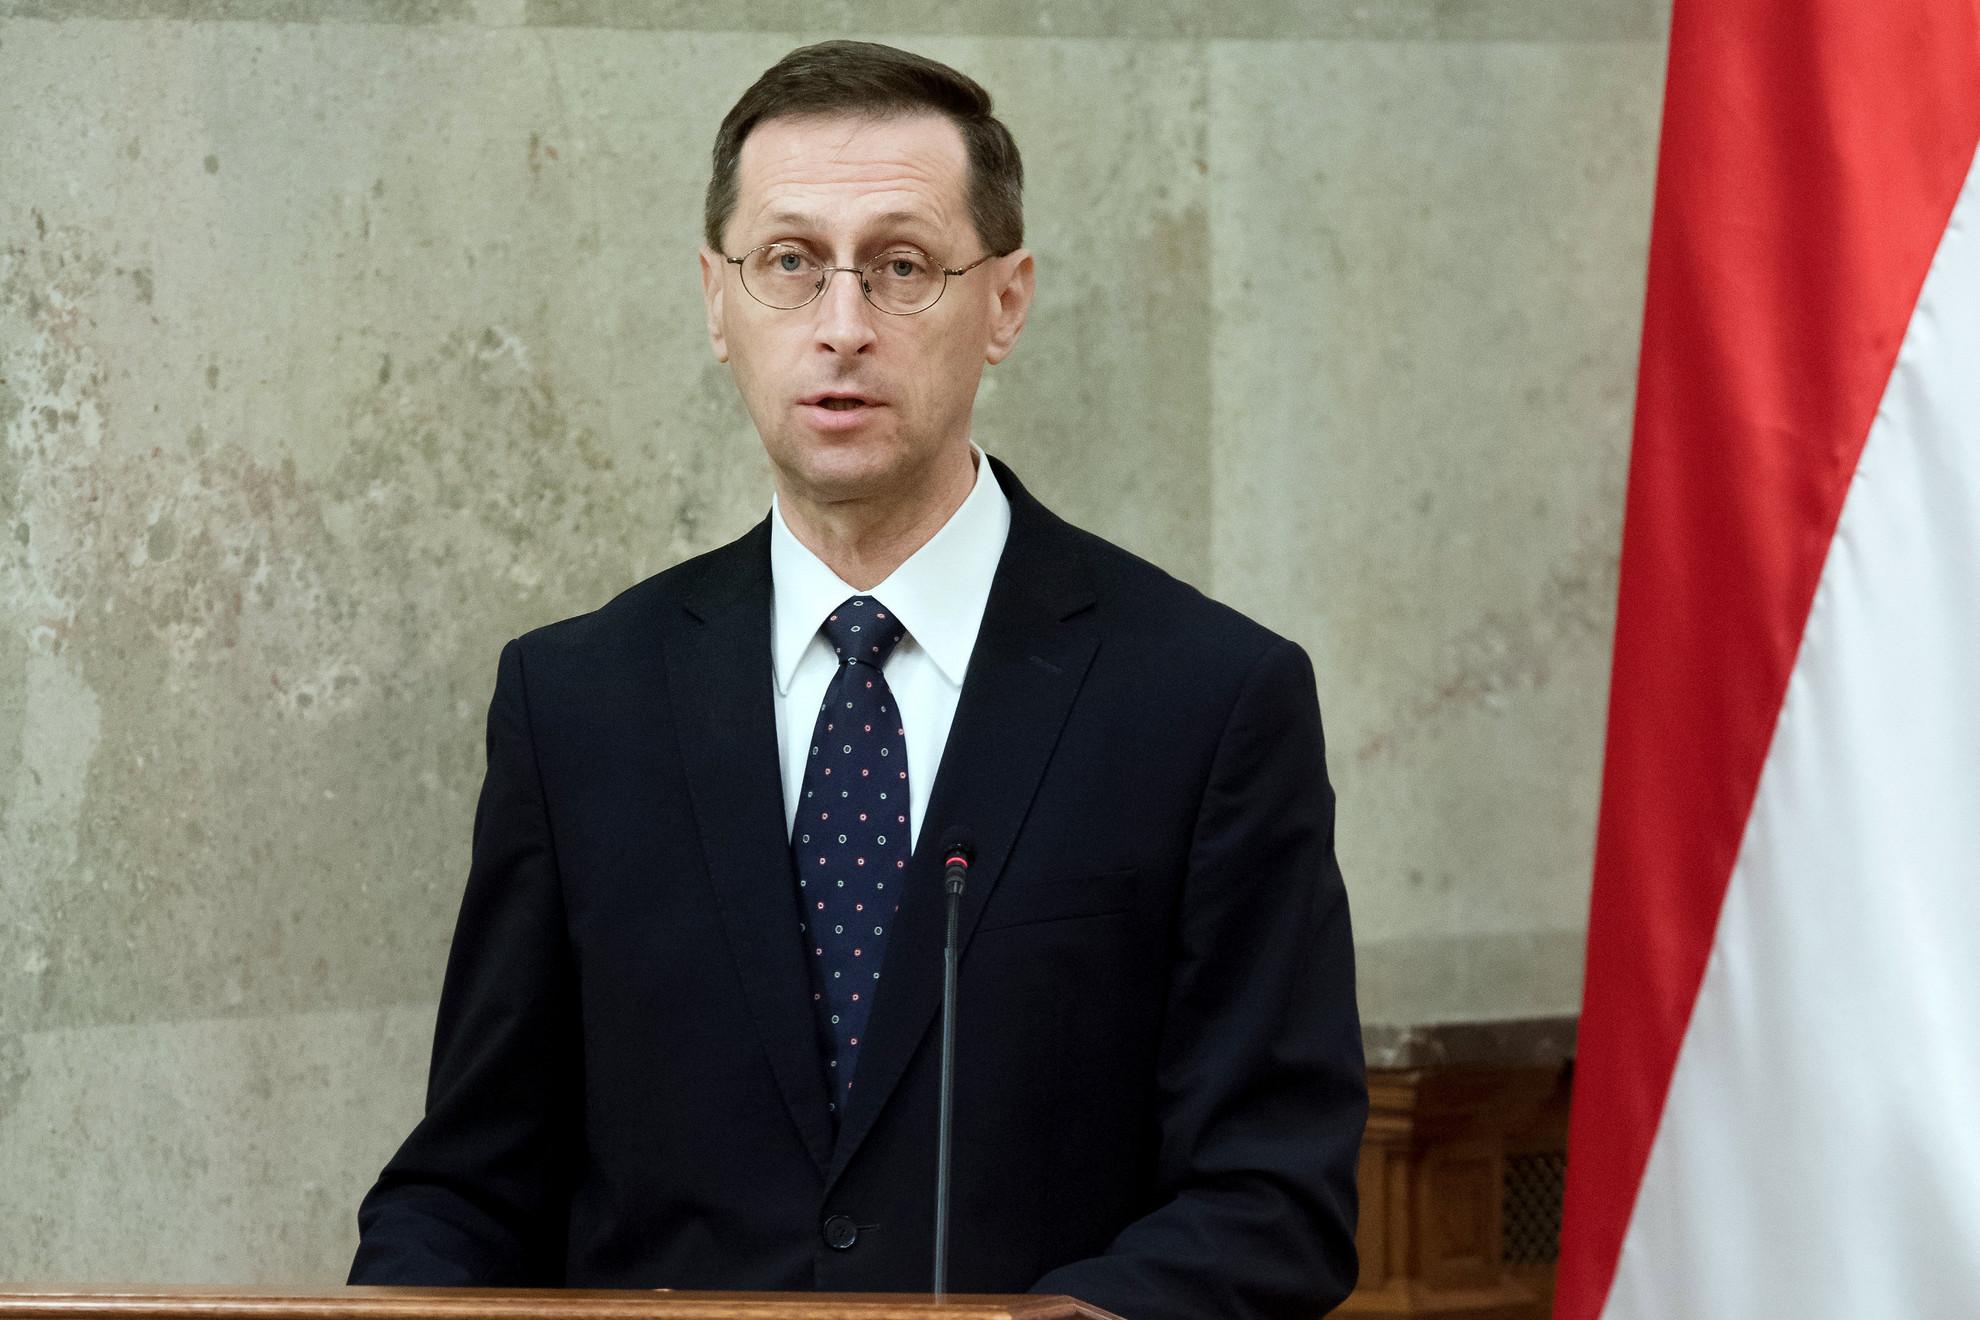 Varga Mihály pénzügyminiszter a 2021. évi költségvetési törvényjavaslat átadásán az Országházban 2020. május 26-án